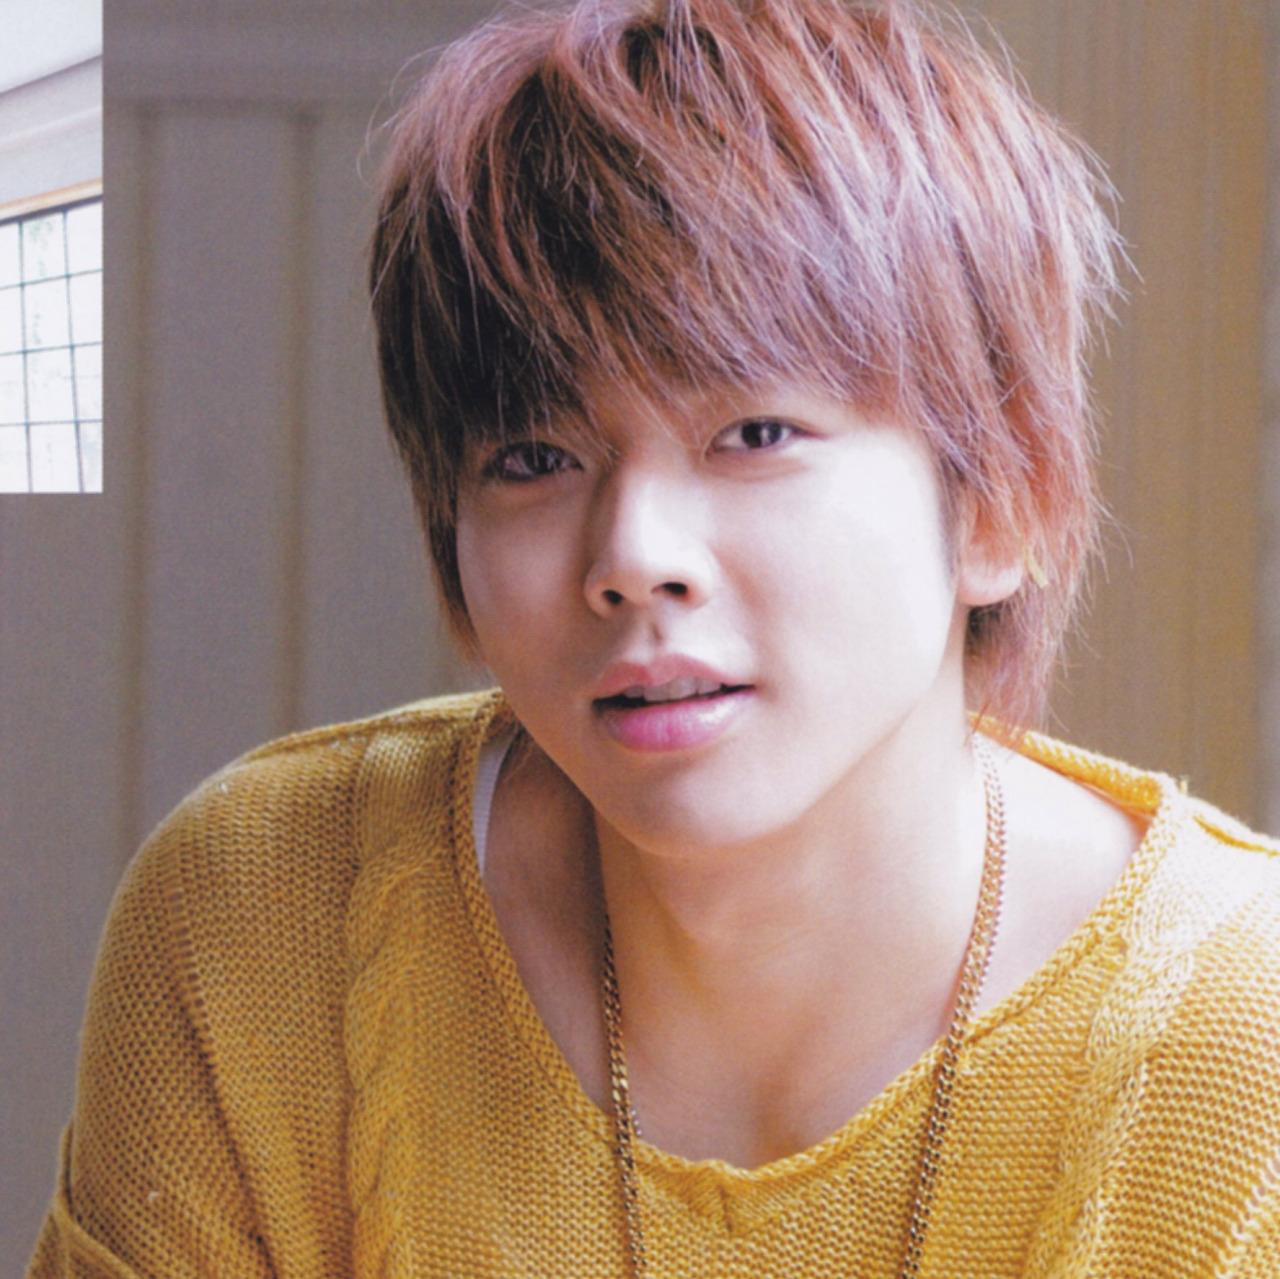 まっすー Newsの増田貴久ってどんな人 出演ドラマとは エントピ Entertainment Topics